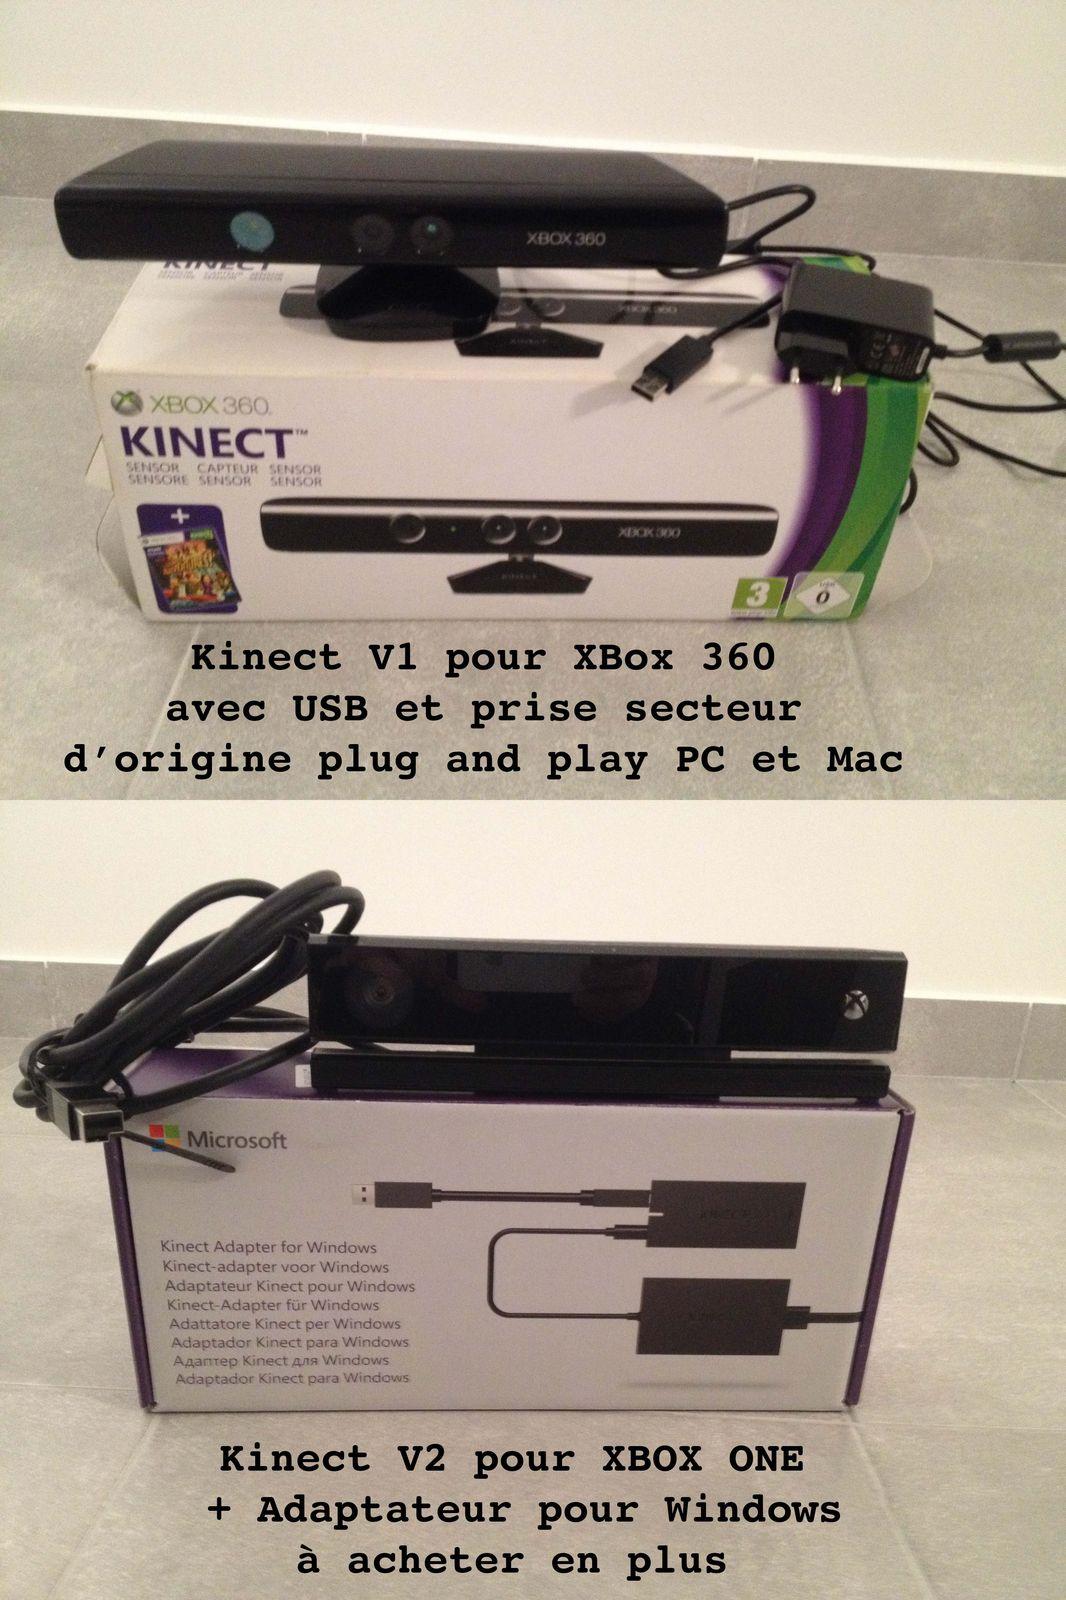 Kinect et imprimante 3D - Page 2 - Kinect - Forum pour les